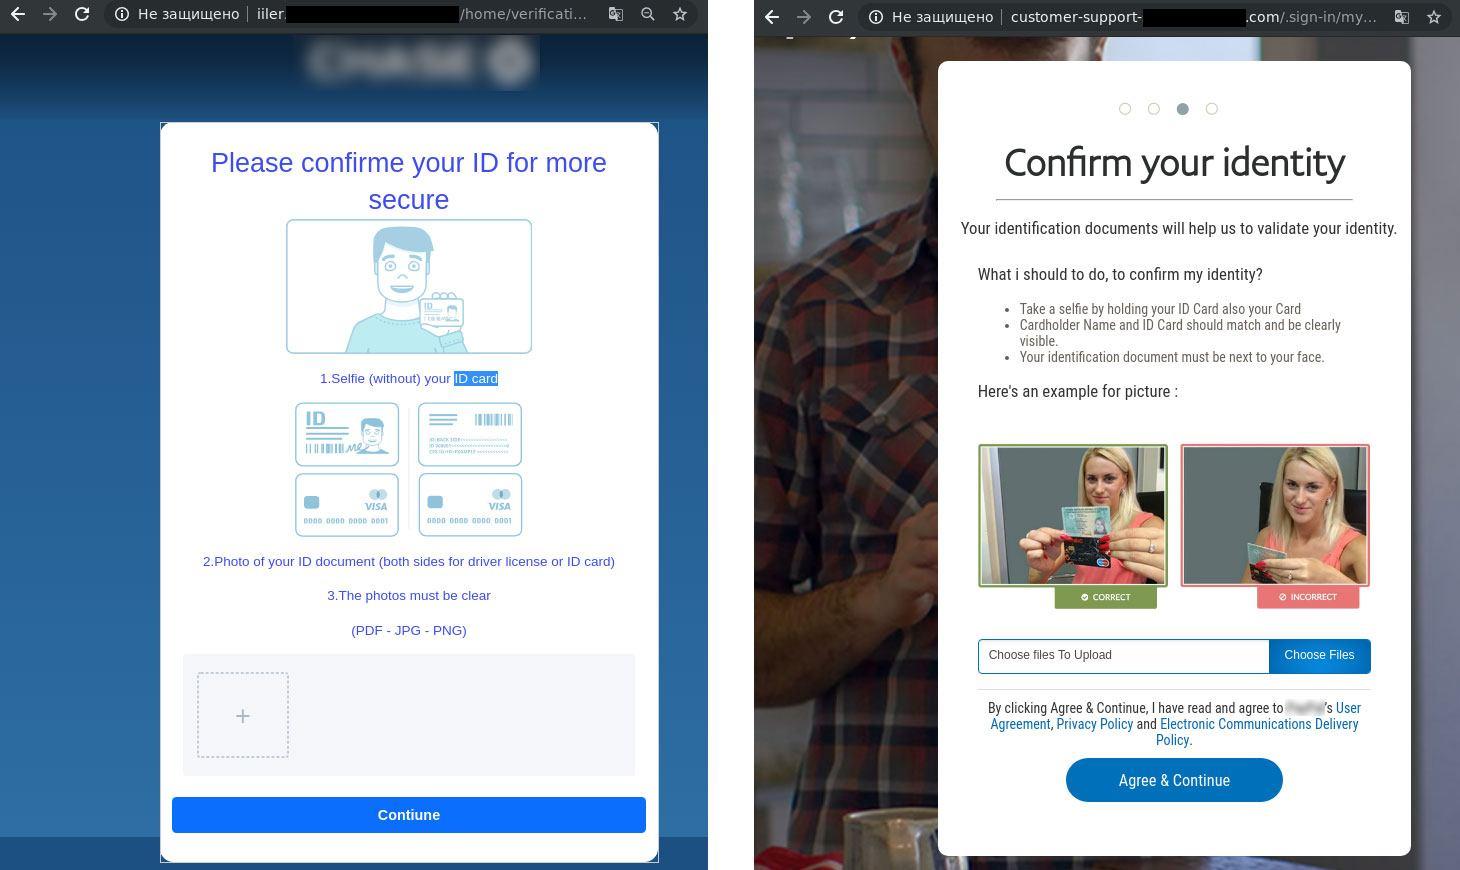 Los estafadores se hacen pasar por un sistema de pagos y un banco y te piden que subas una selfi con un documento oficial